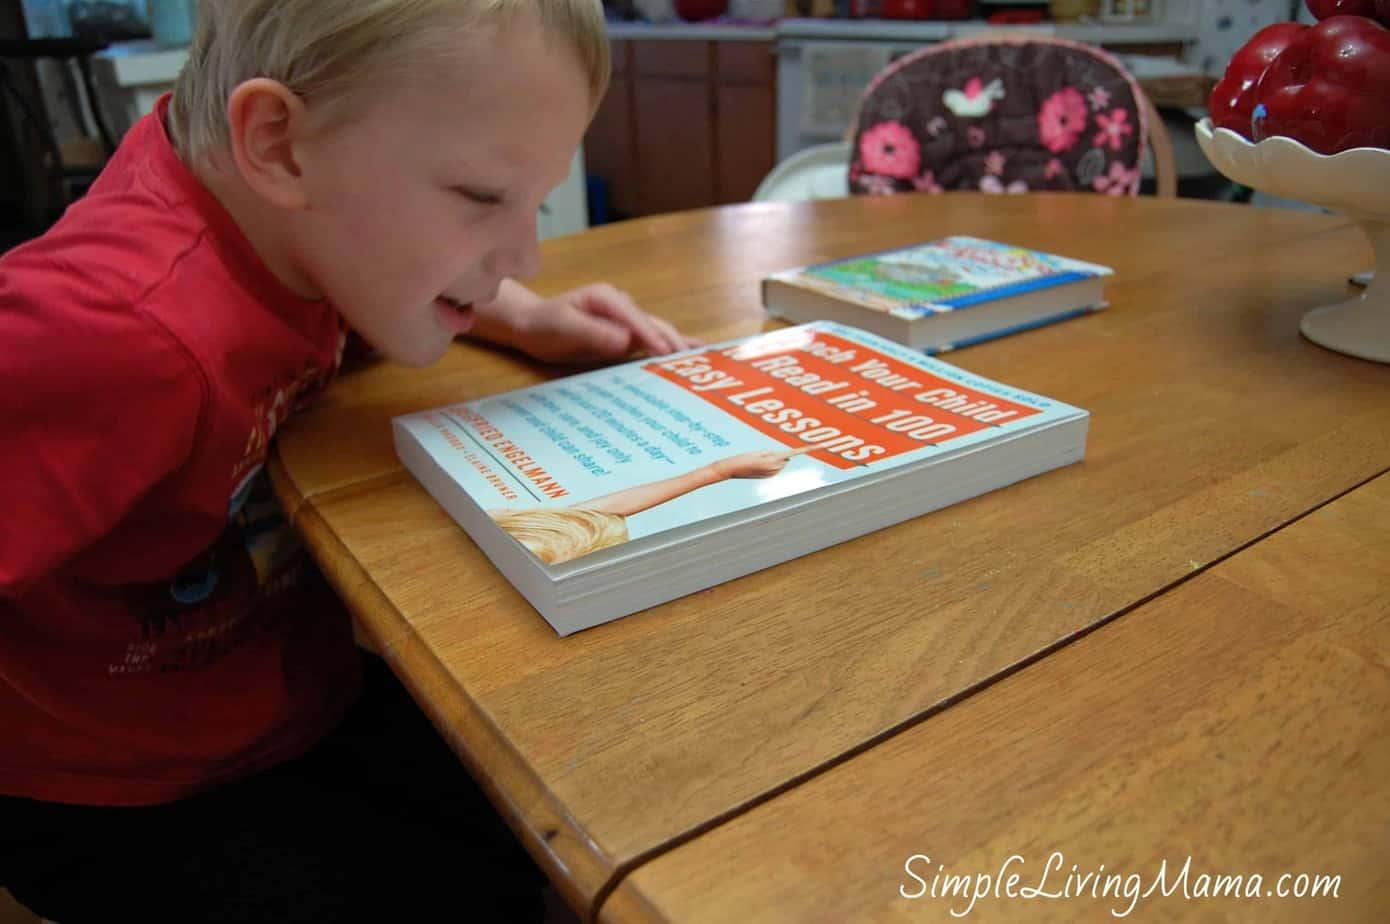 Homeschool Mother's Journal 05/24/13